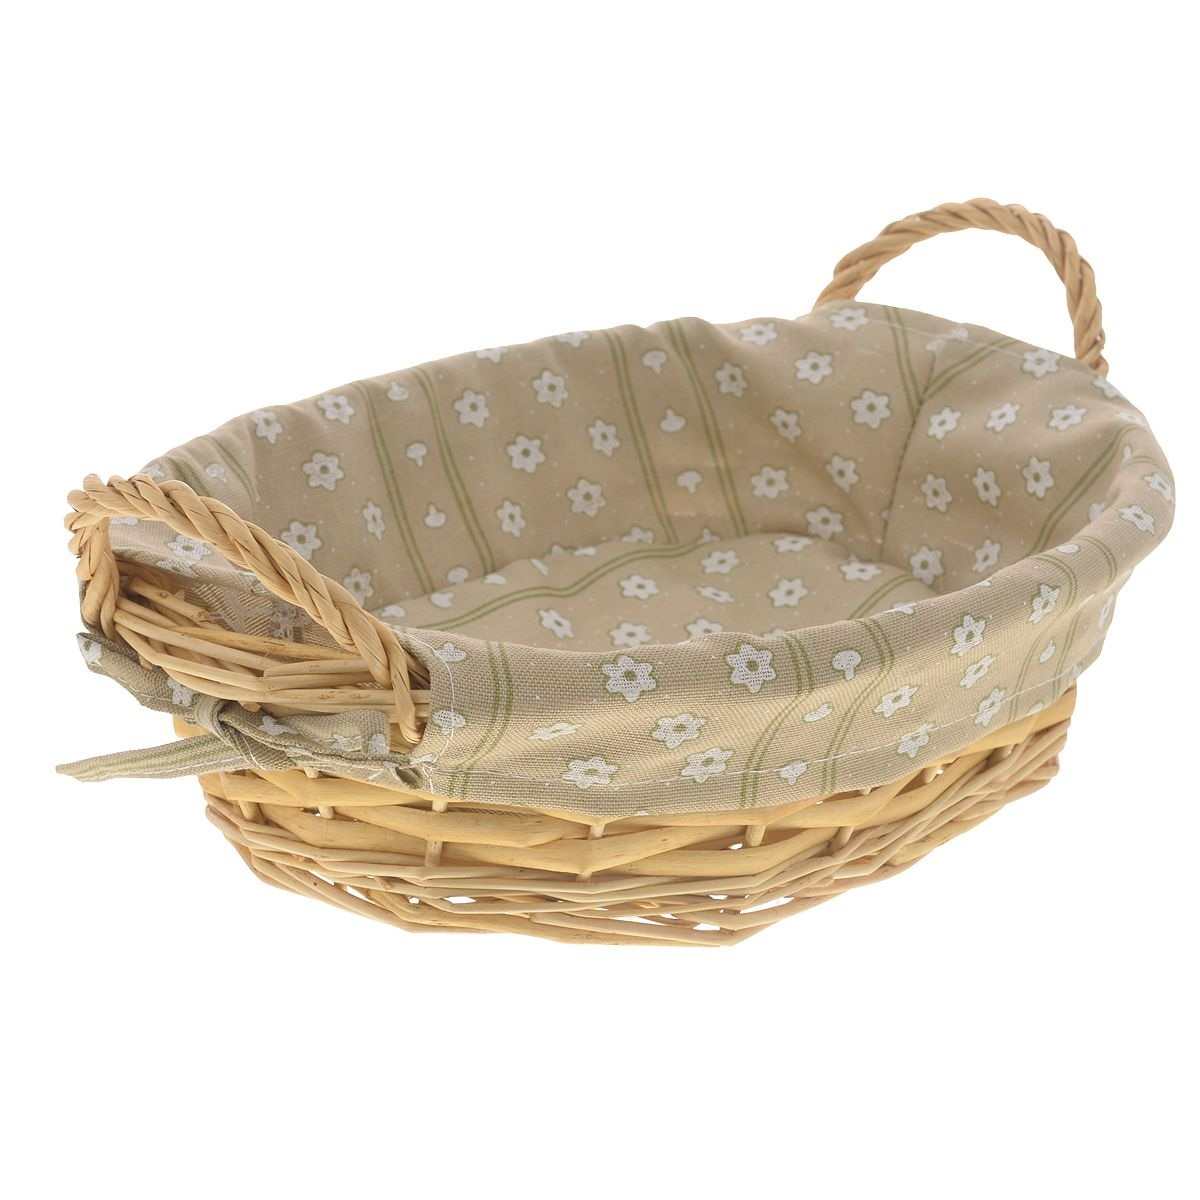 Корзинка с ручкамиКорзина плетеная от Kesper - отличный помощник. Она предназначена для хранения хлеба, фруктов или каких-либо полезных домашних мелочей. Благодаря ручкам, корзину легко и удобно переносить.<br>